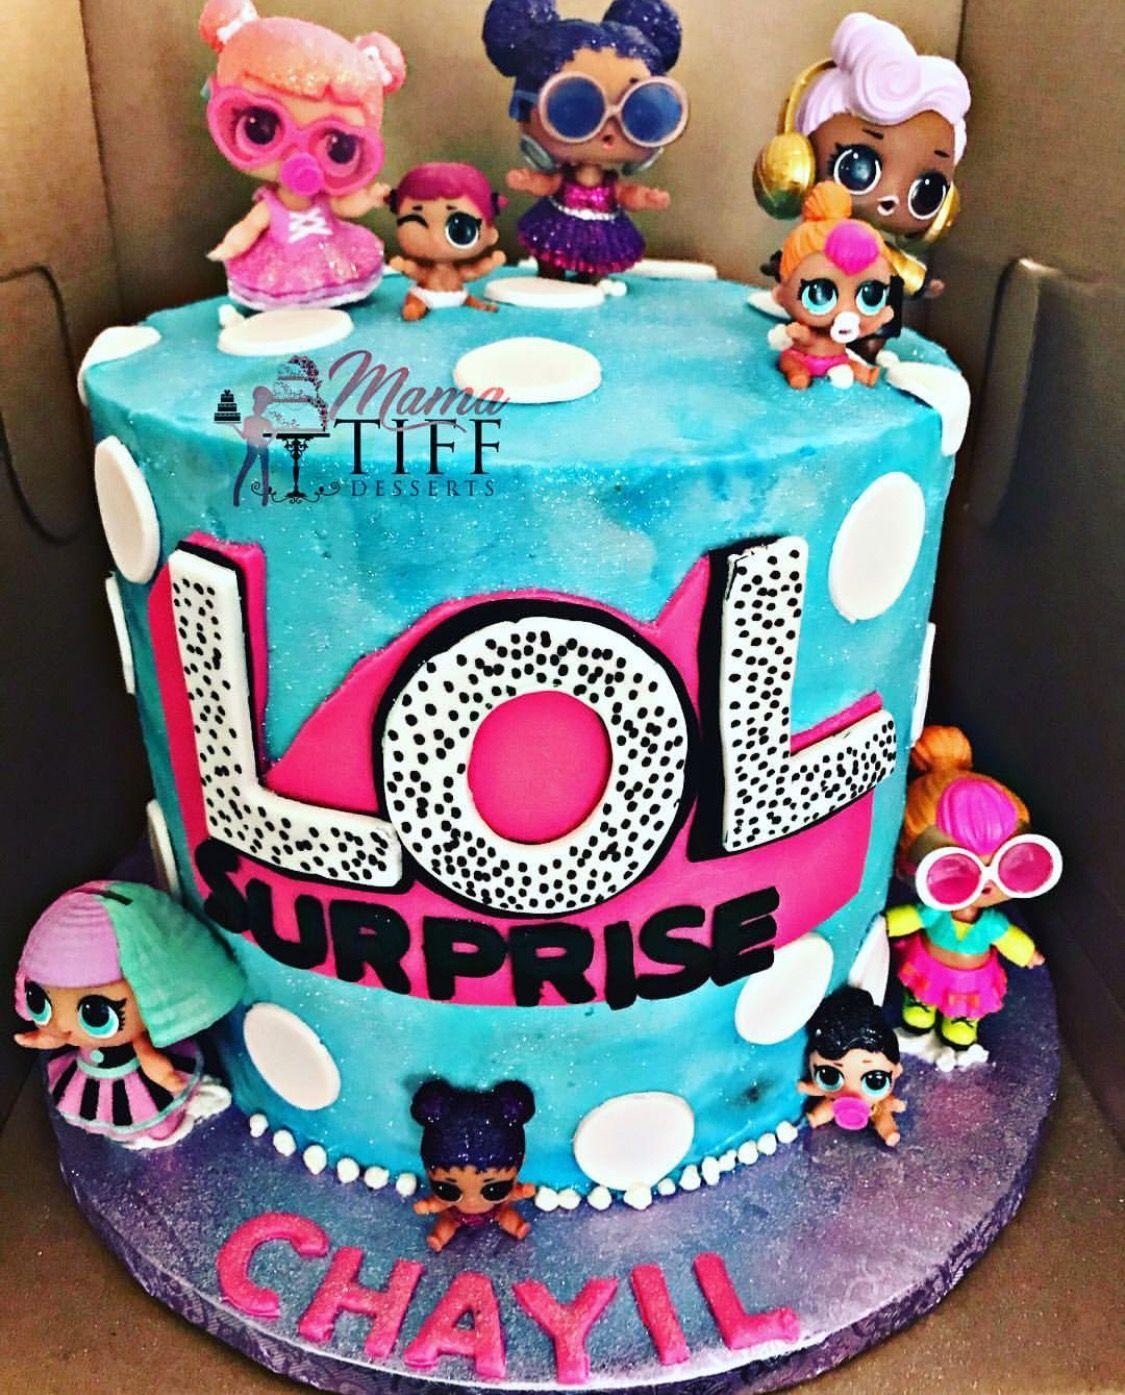 Lol Surprise Birthday Cake Funny Birthday Cakes Surprise